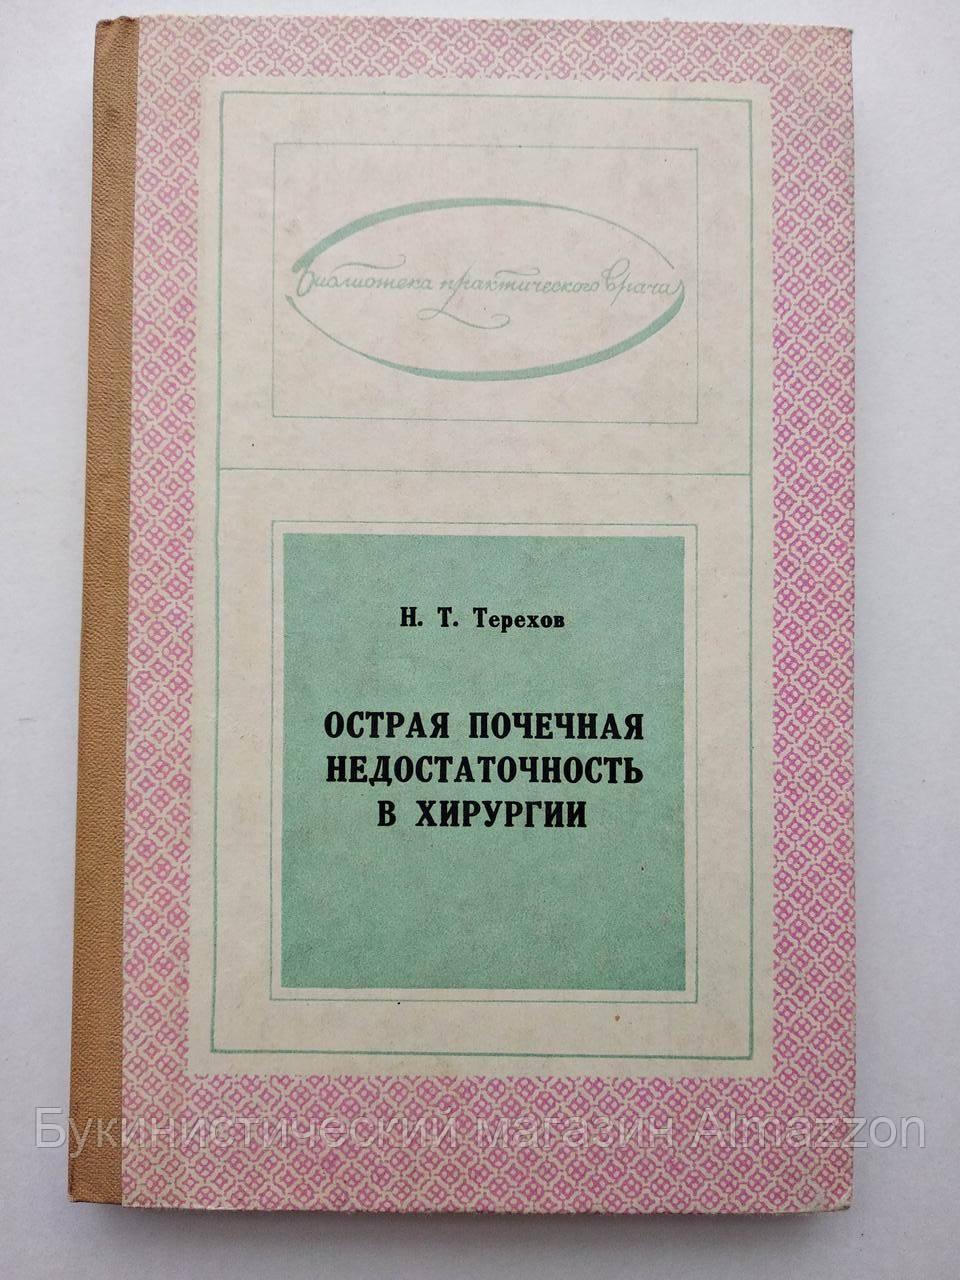 Острая почечная недостаточность в хирургии Н.Т.Терехов